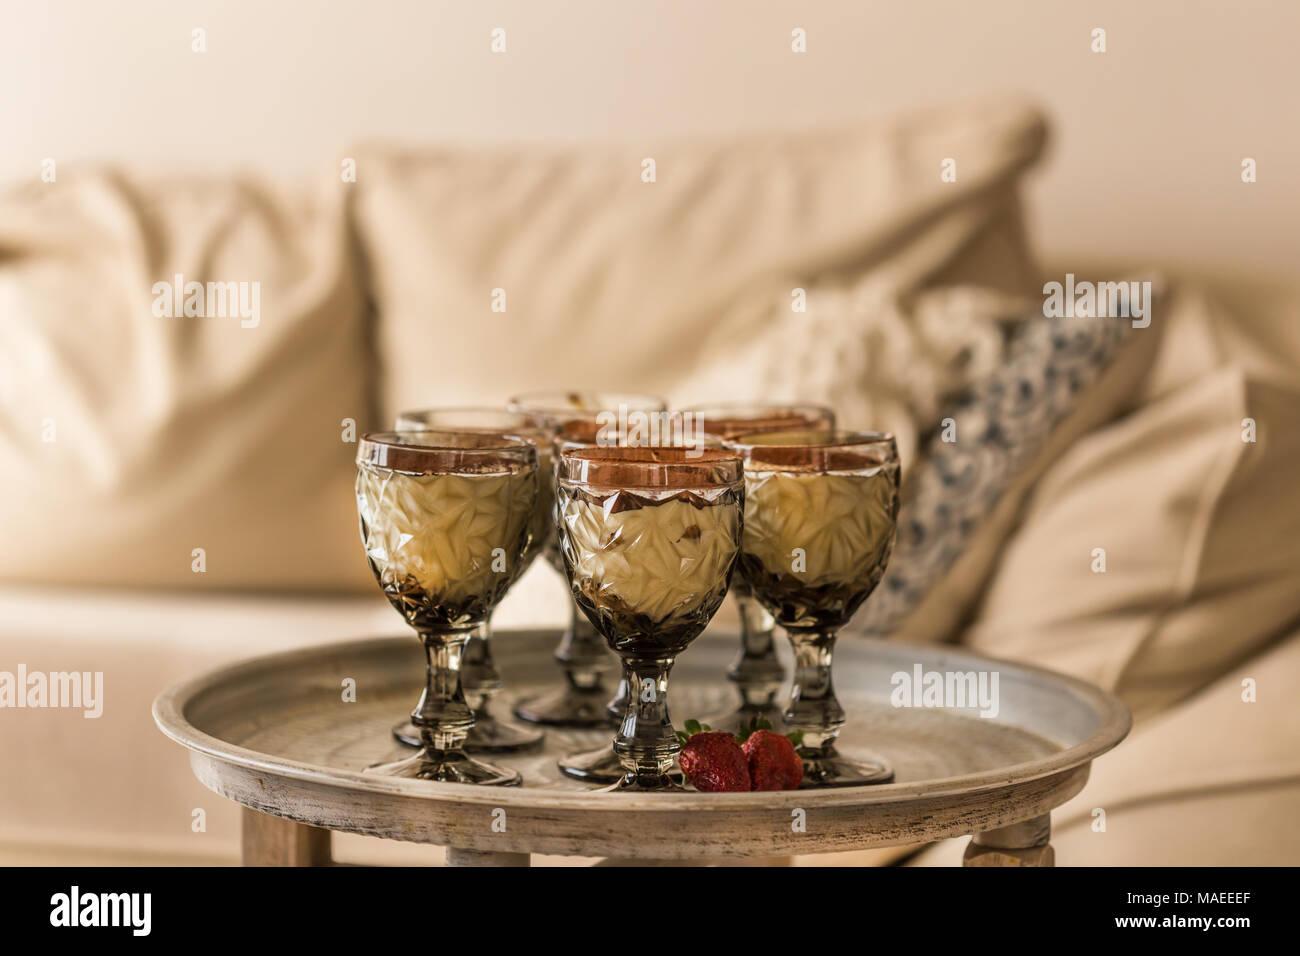 Il tiramisù in eleganti occhiali sul round tavolo in metallo con interni in beige. Composizione orizzontale. Profondità di campo ridotta. Immagini Stock